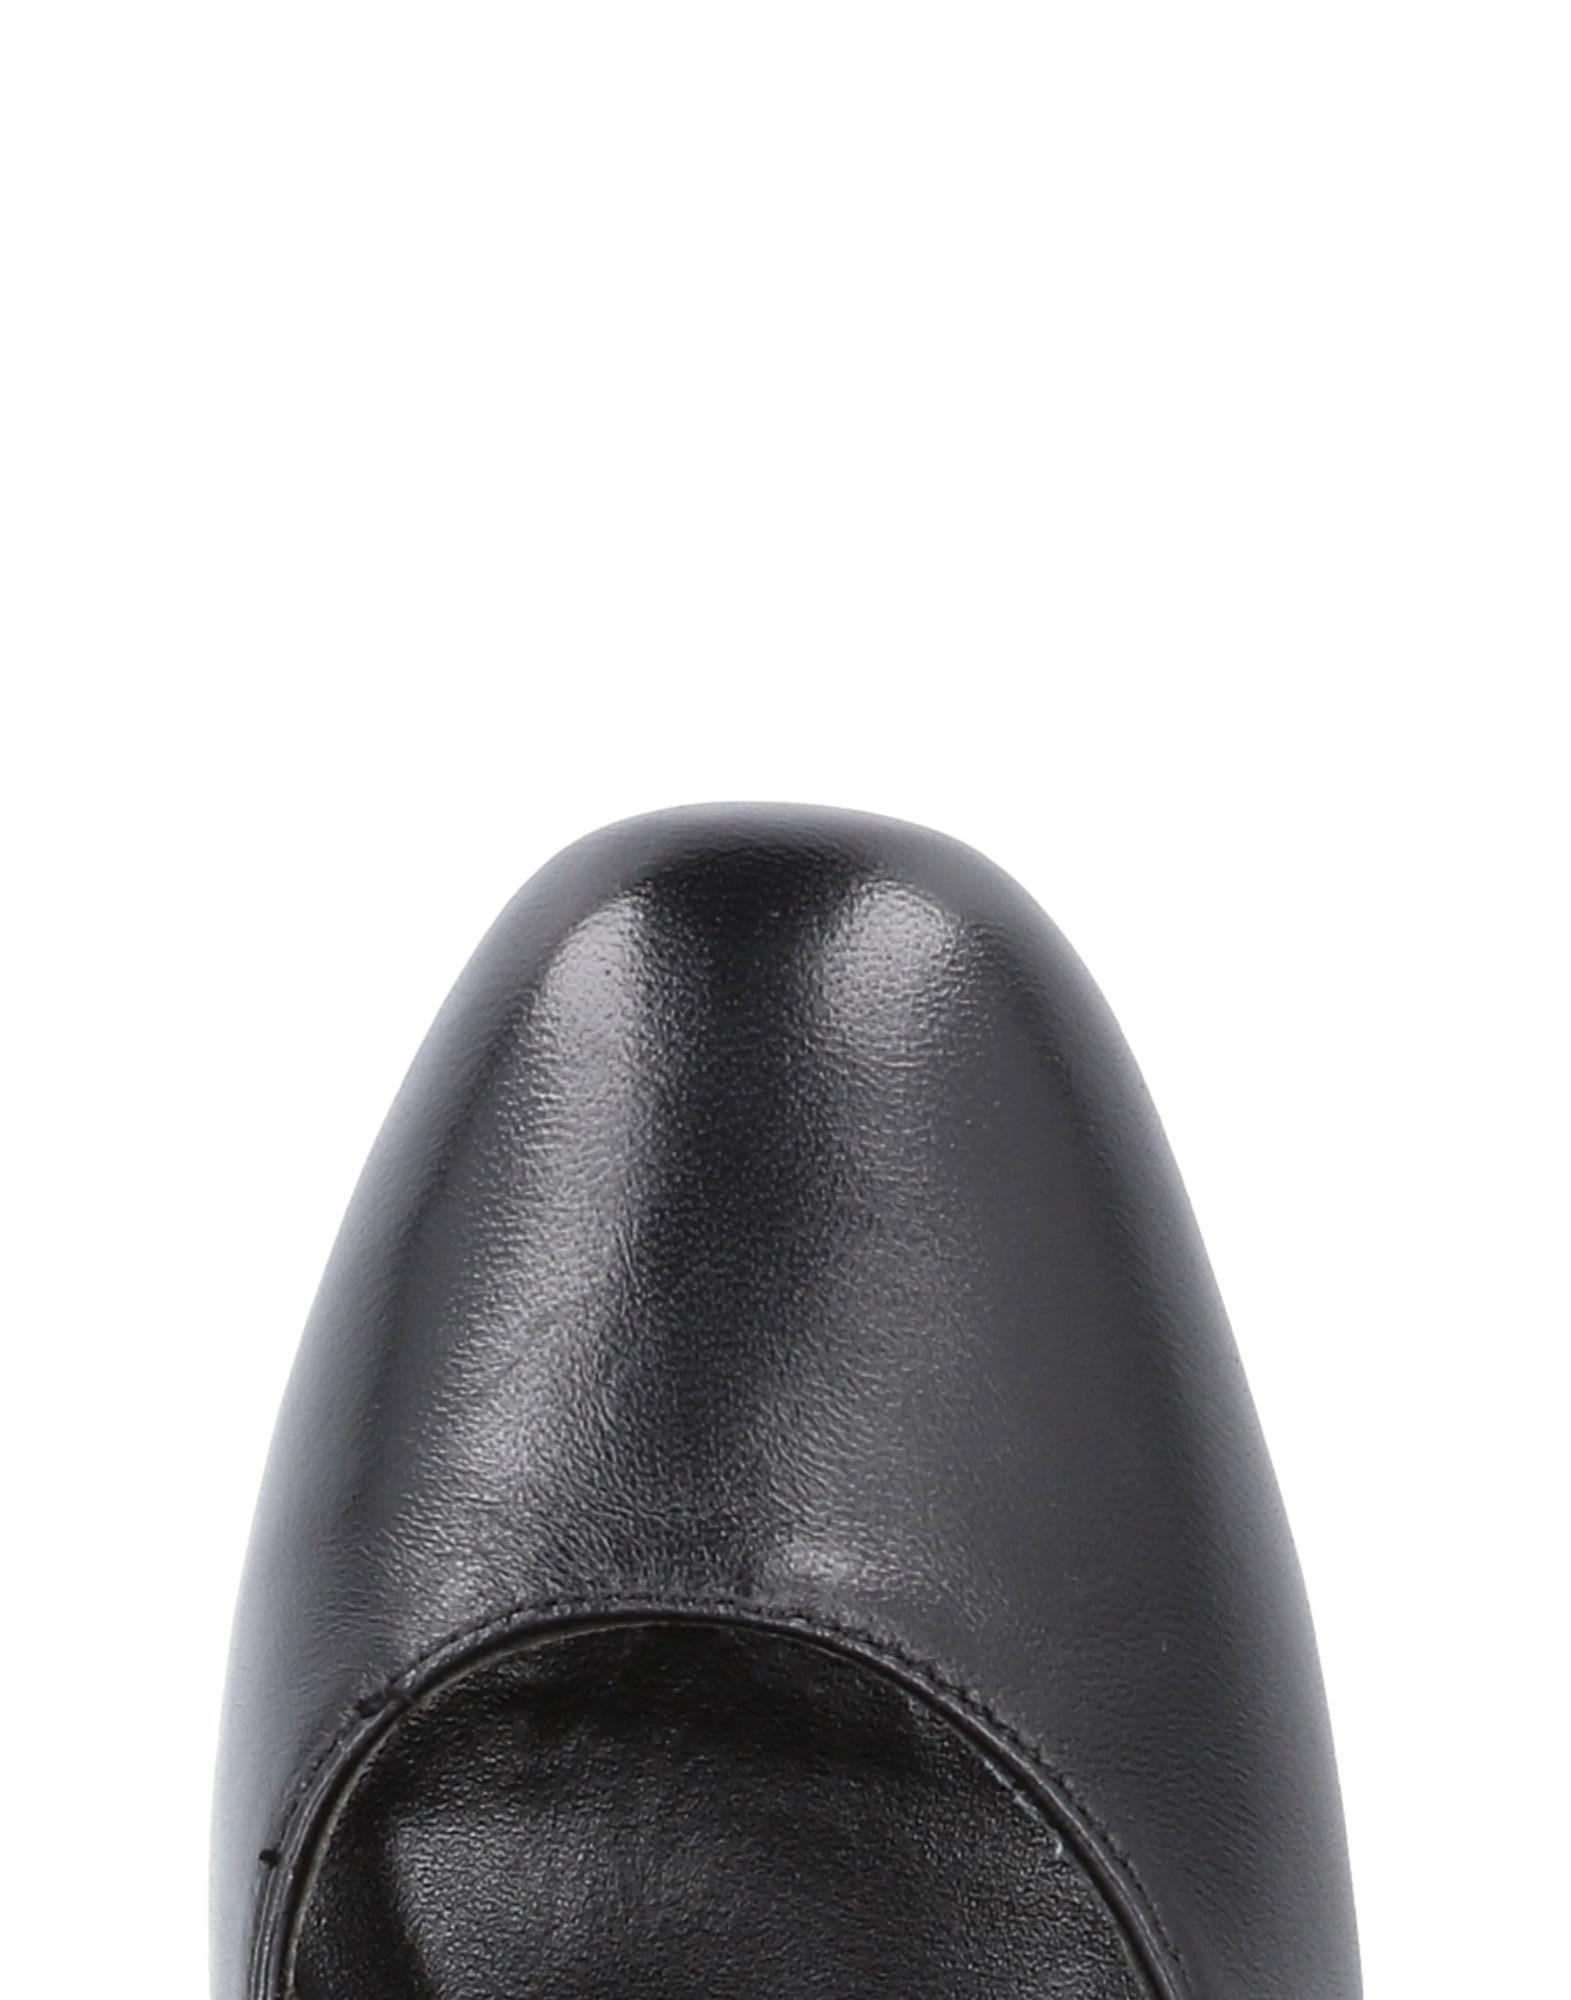 Emanuélle Vee Pumps Damen  Schuhe 11495496LW Gute Qualität beliebte Schuhe  ba52eb